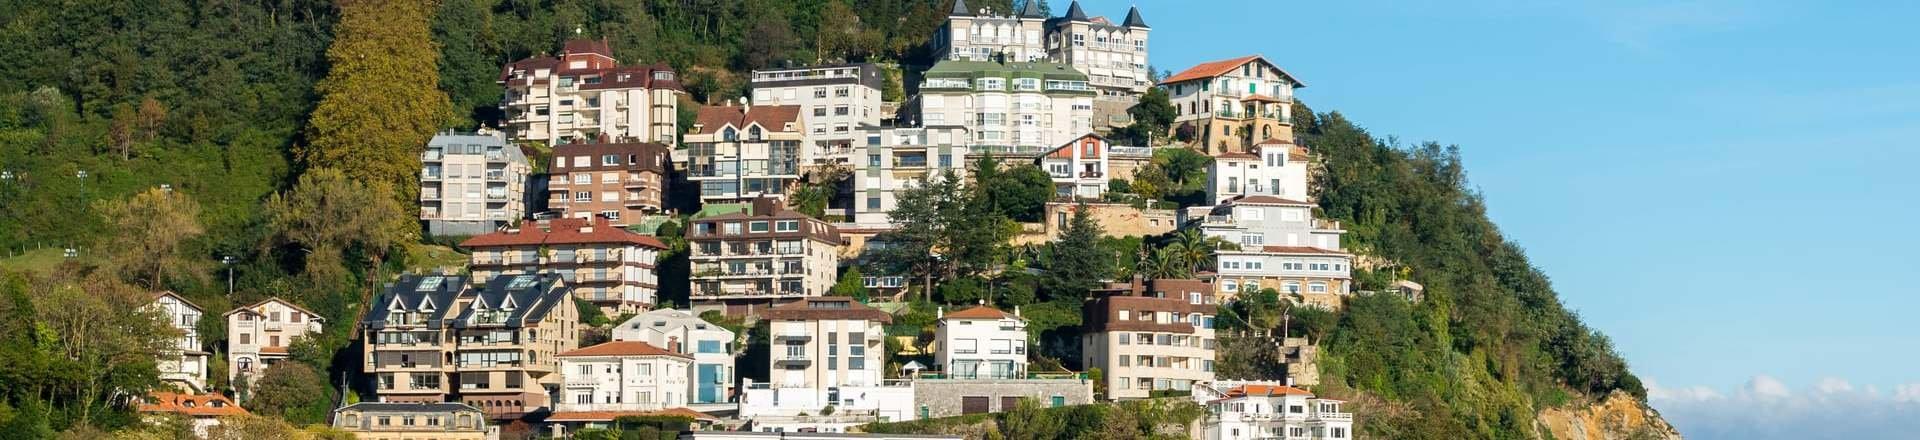 Hoteles en san sebasti n baratos desde 559 destinia for Hoteles con piscina en san sebastian